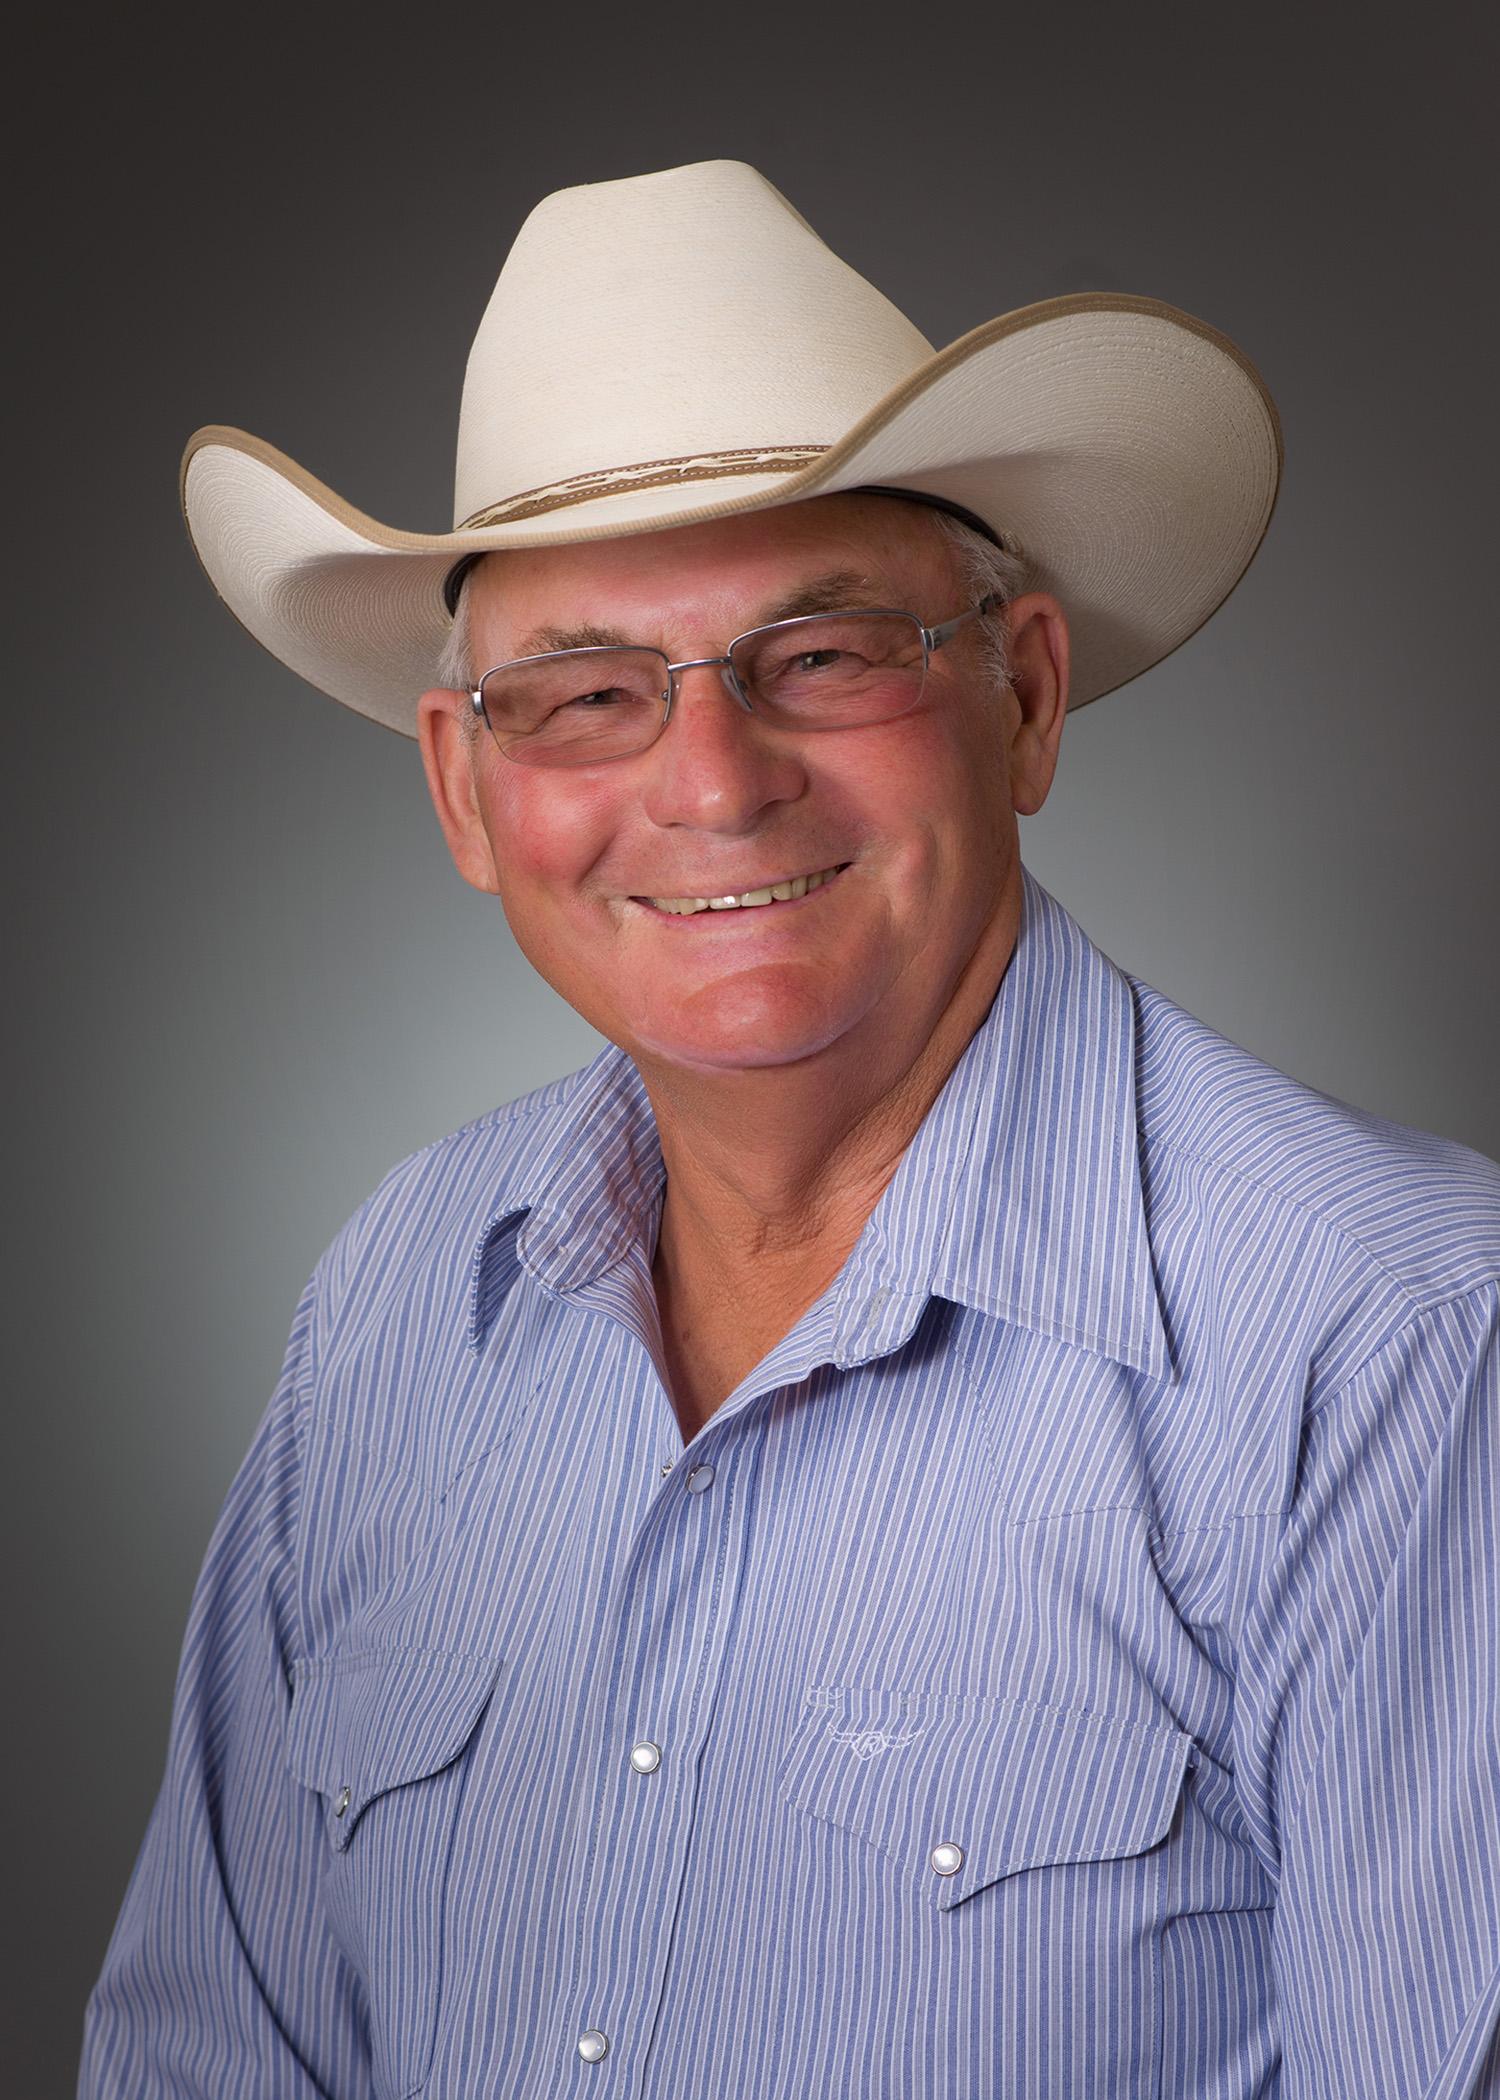 Sonny Obrecht ('66), Farmer & Rancher